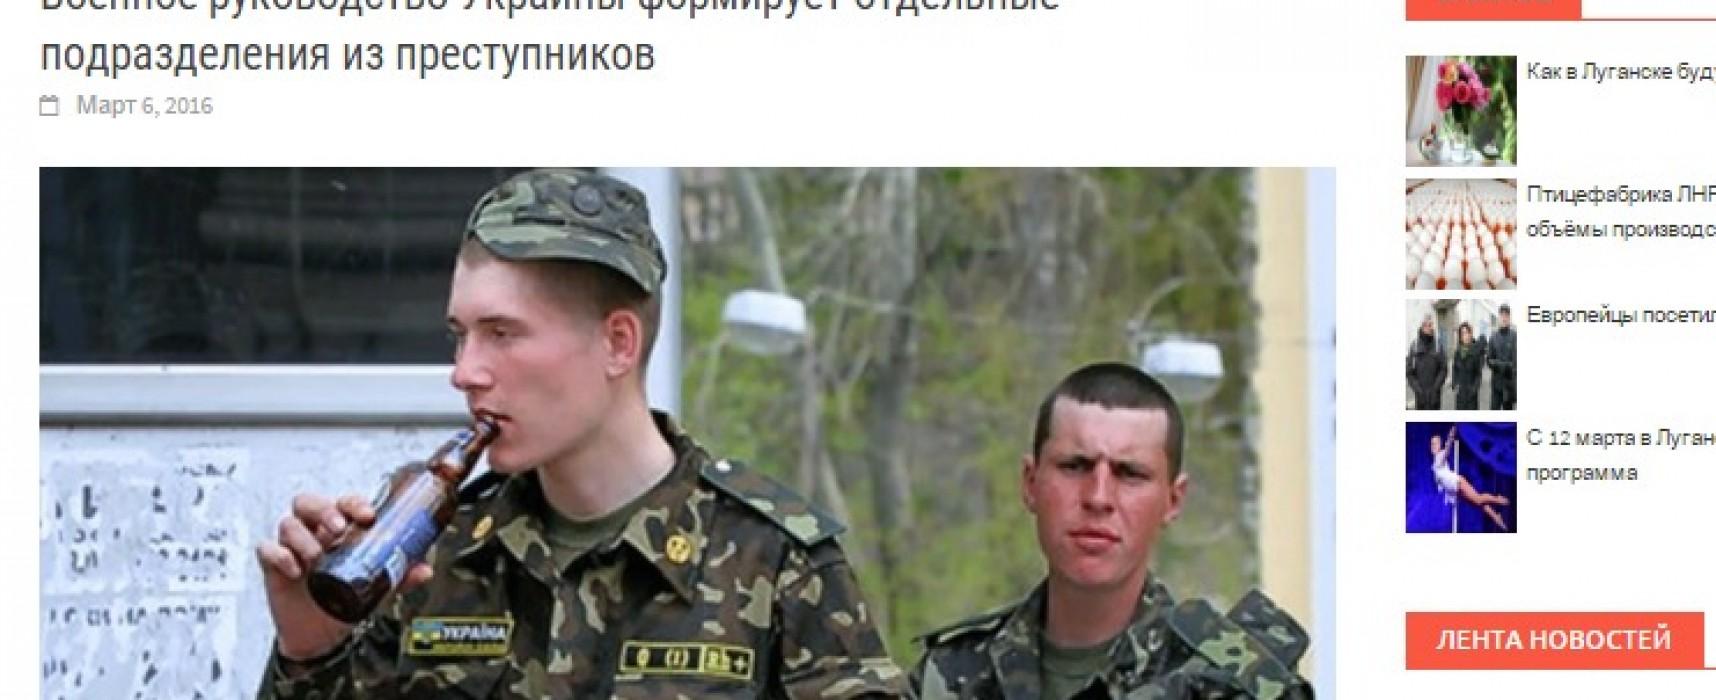 Фейк: в Украине подследственных будут отправлять в армию